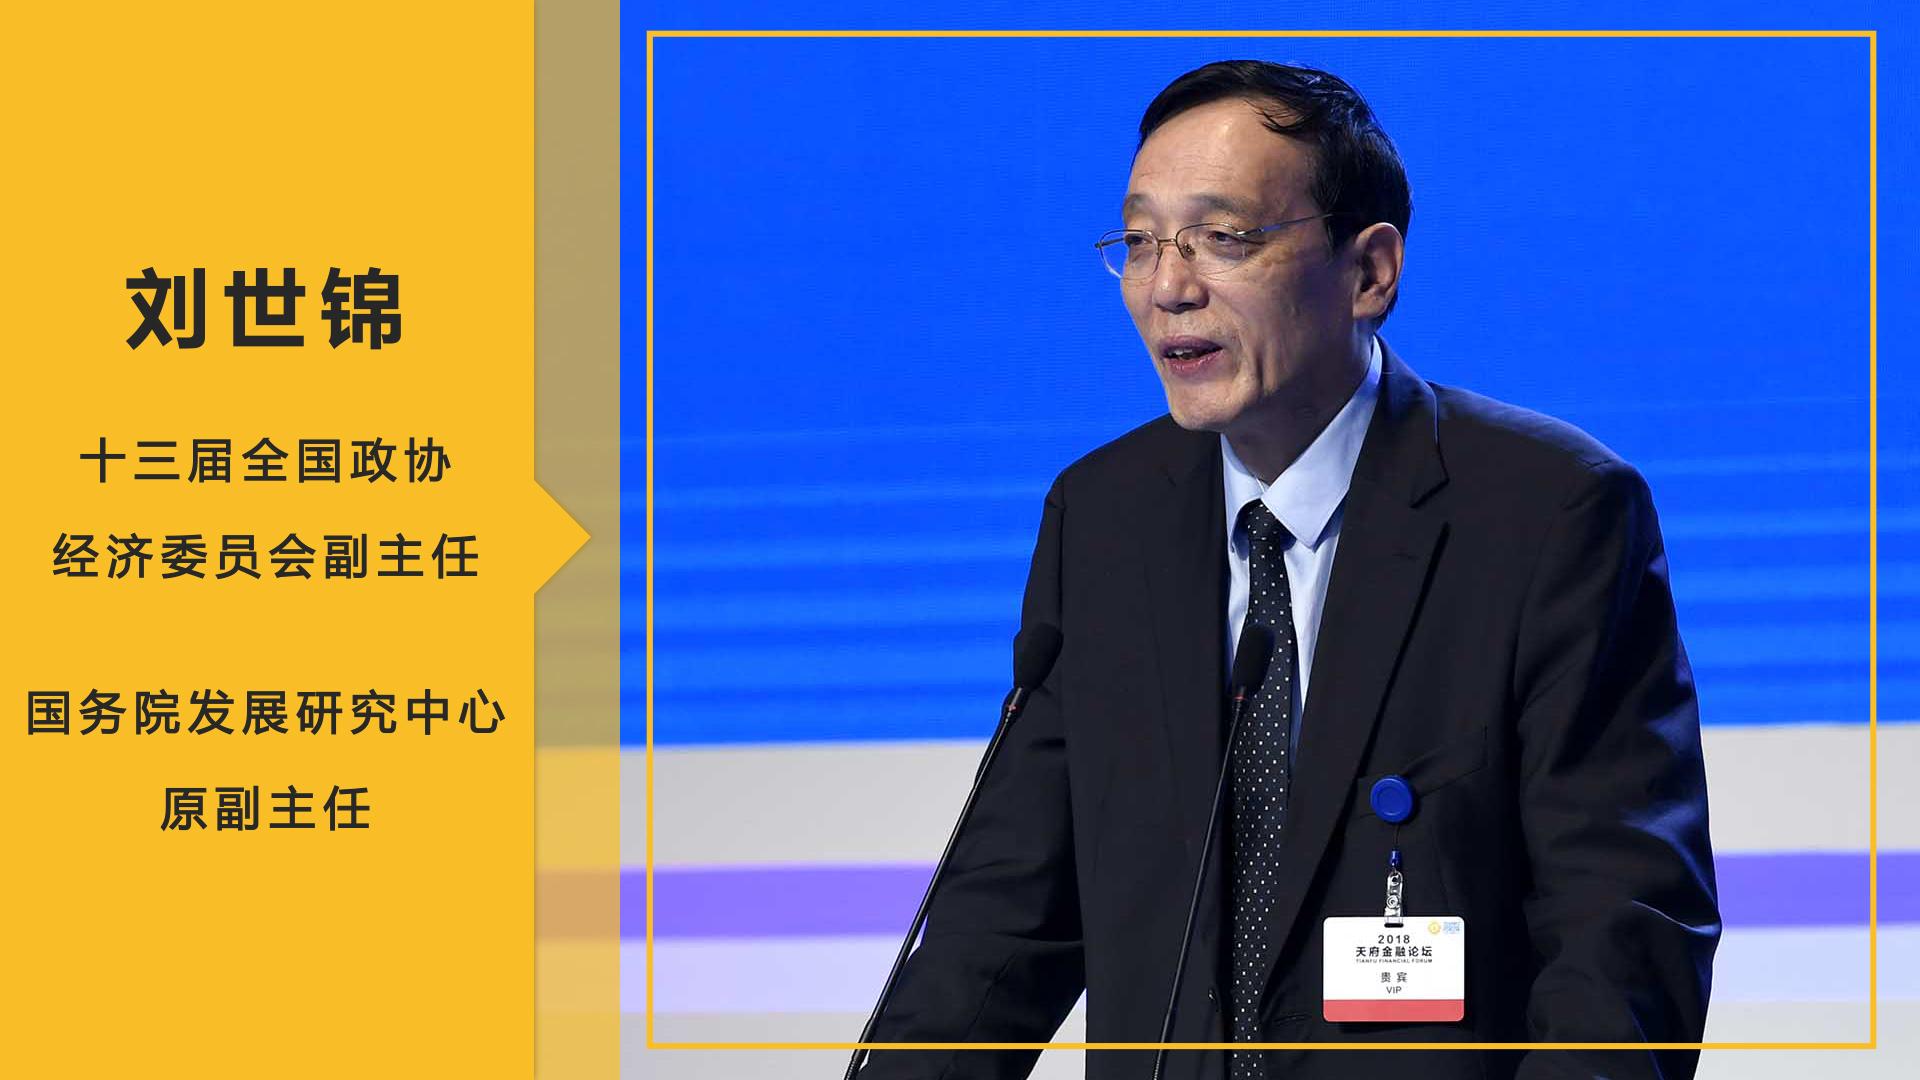 刘世锦:正规金融体系要加大对民营经济的支持